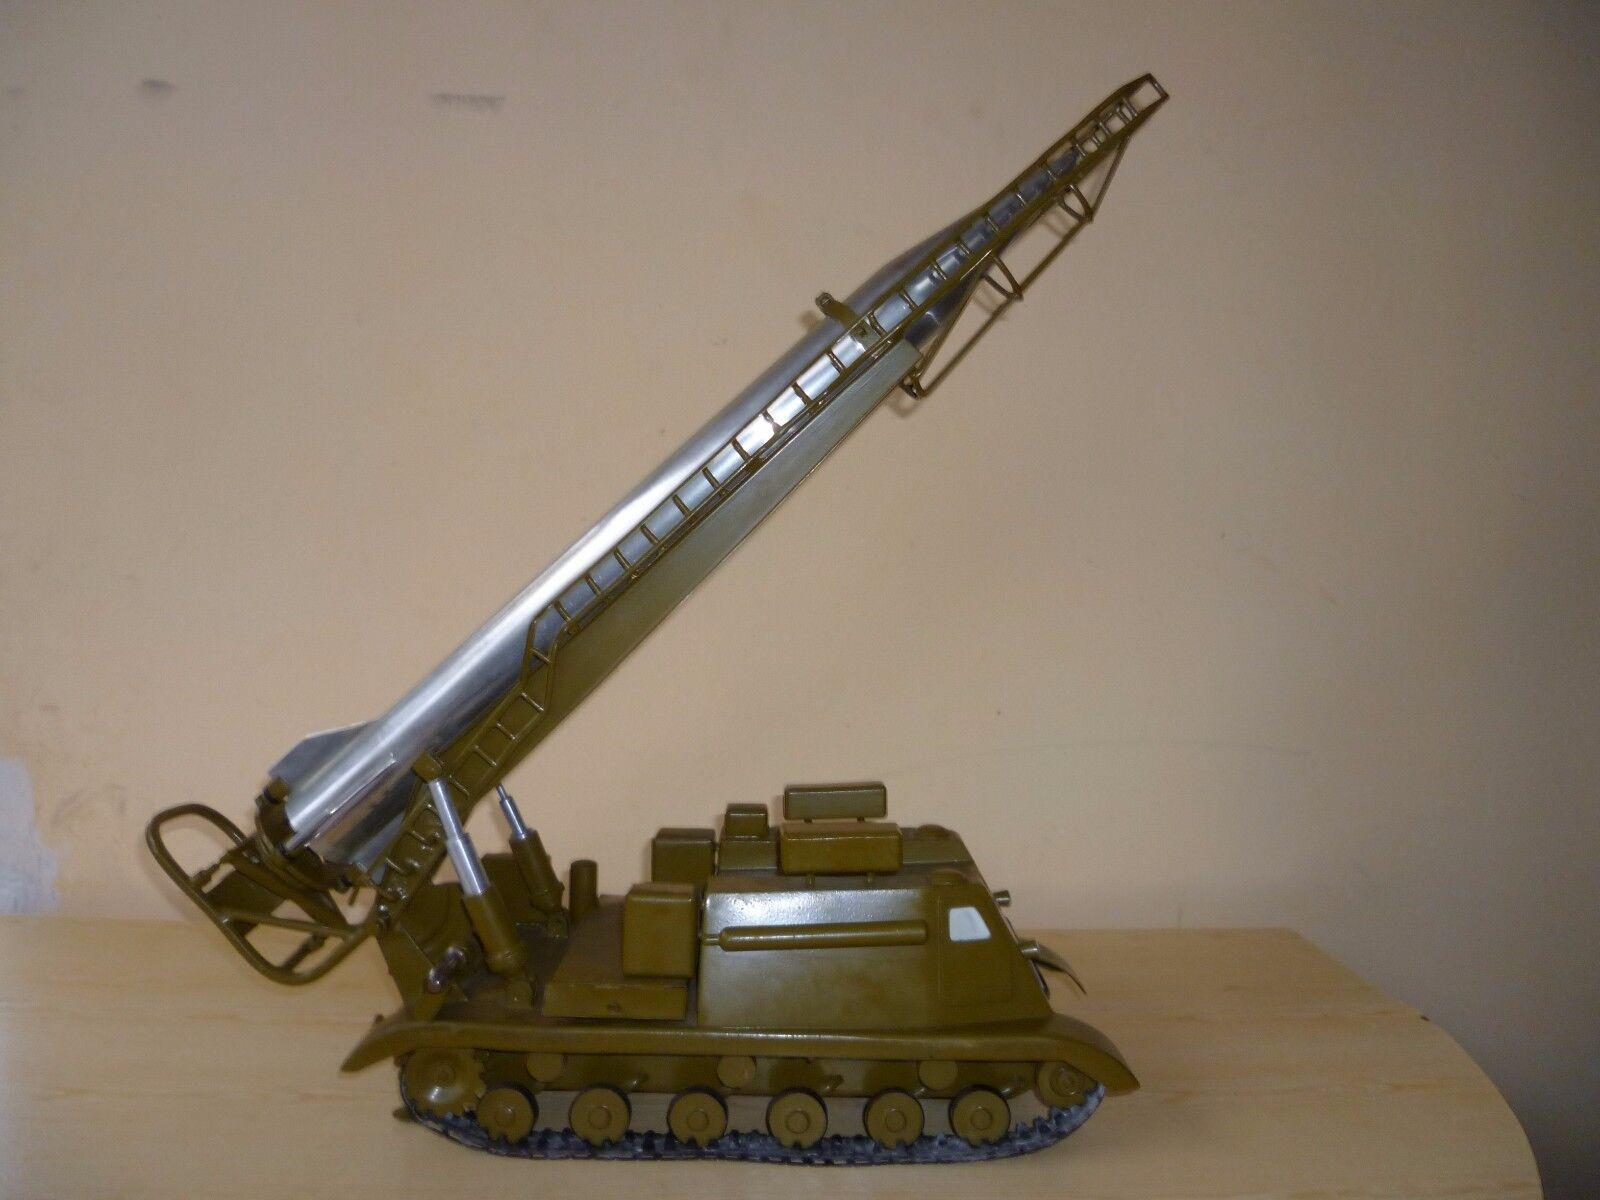 descuento de ventas Modelo Vintage Juguete URSS lanzacohetes Gran Tractor Art Deco misil misil misil Scud tormenta Escritorio  venta al por mayor barato